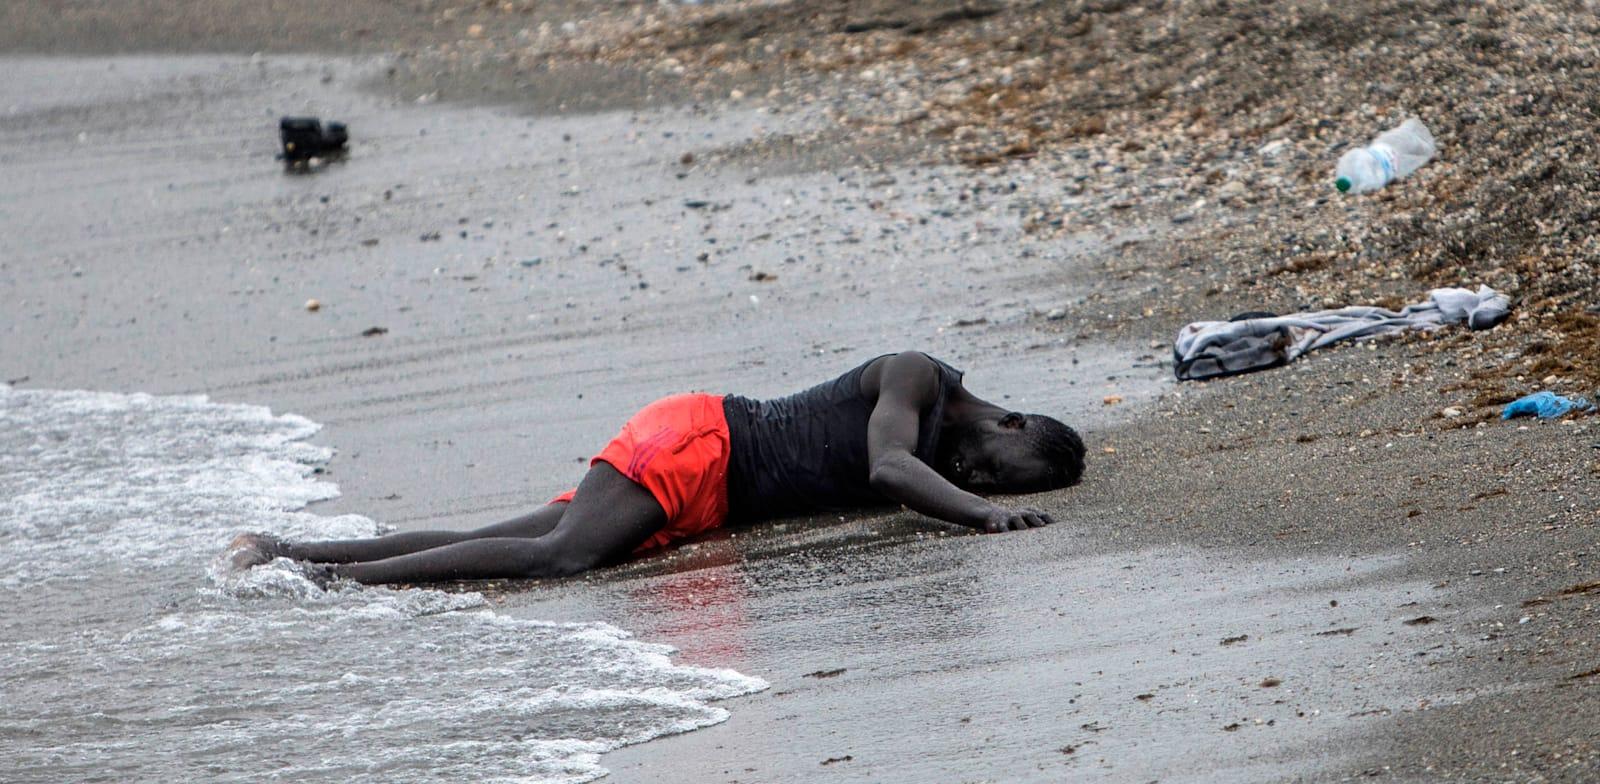 פליט מותש שוכב על החוף לאחר ששחה קילומטרים למובלעת הספרדית סאוטה בגבול מרוקו וספרד, מאי / צילום: Associated Press, Javier Fergo